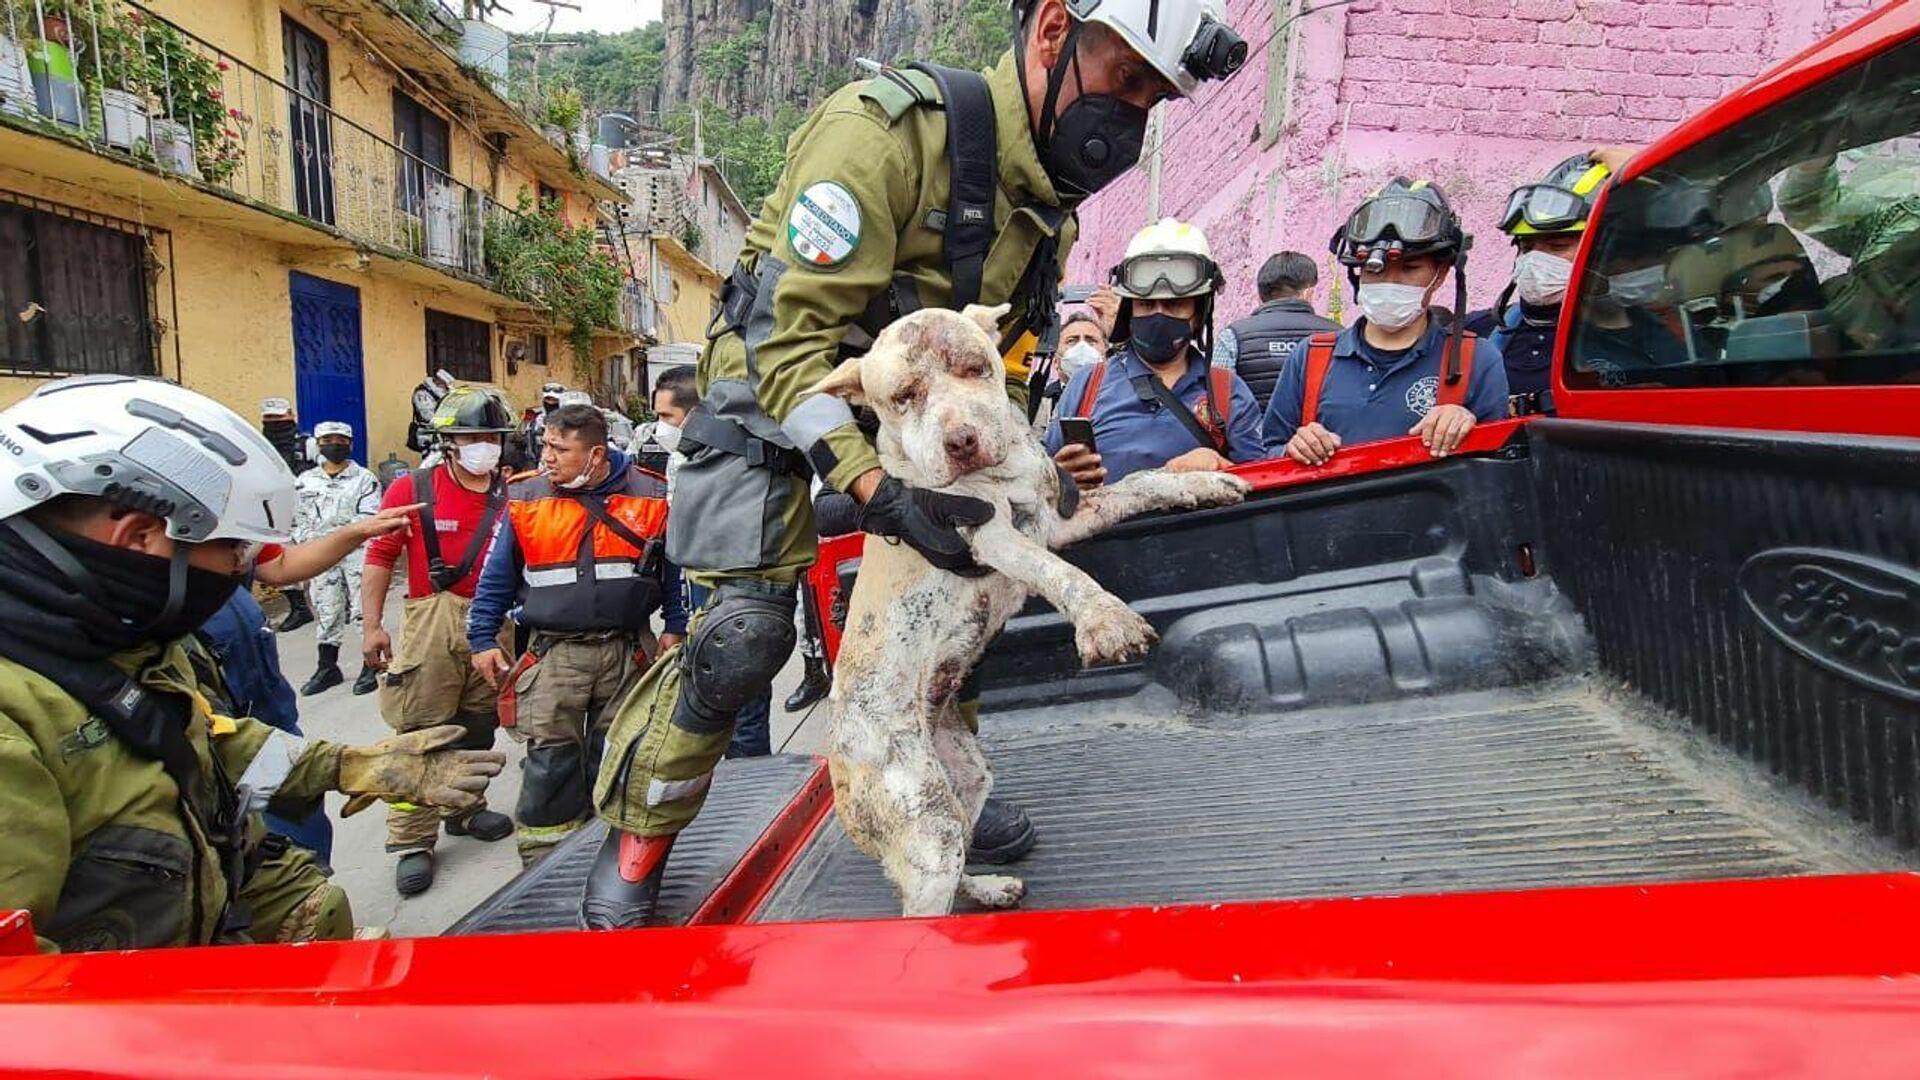 Perro rescatado en desgajamiento del Chiquihuite, México - Sputnik Mundo, 1920, 13.09.2021